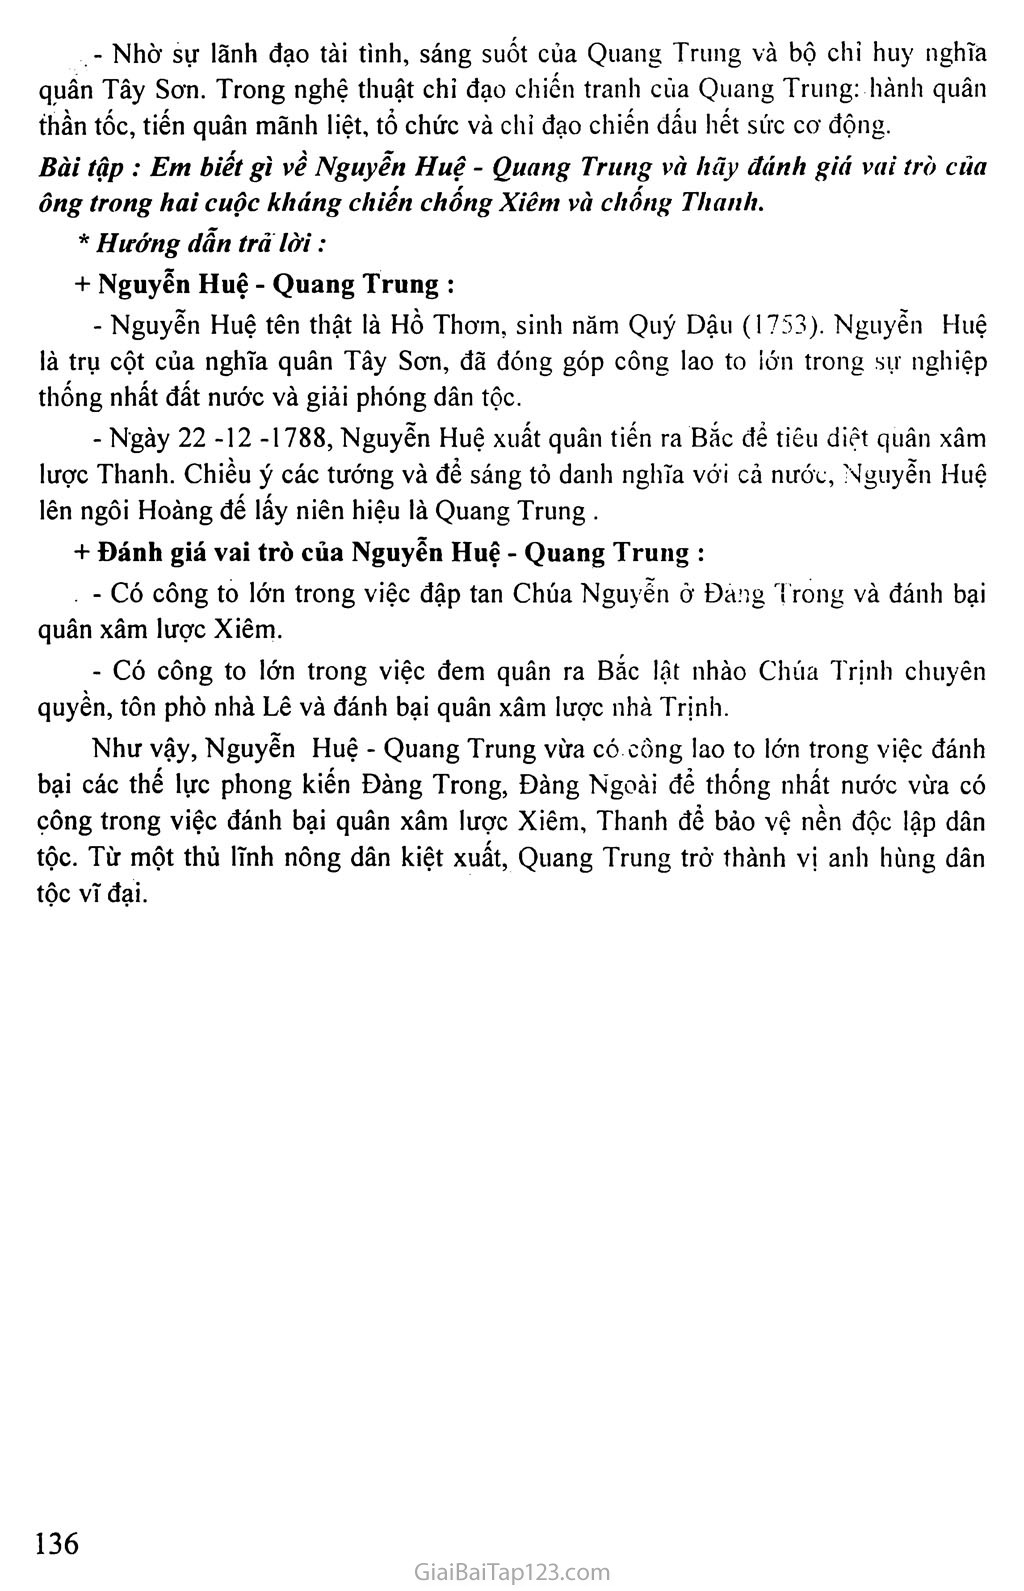 Bài 37: Khởi nghĩa nông dân Đàng Trong và phong trào Tây Sơn trang 6